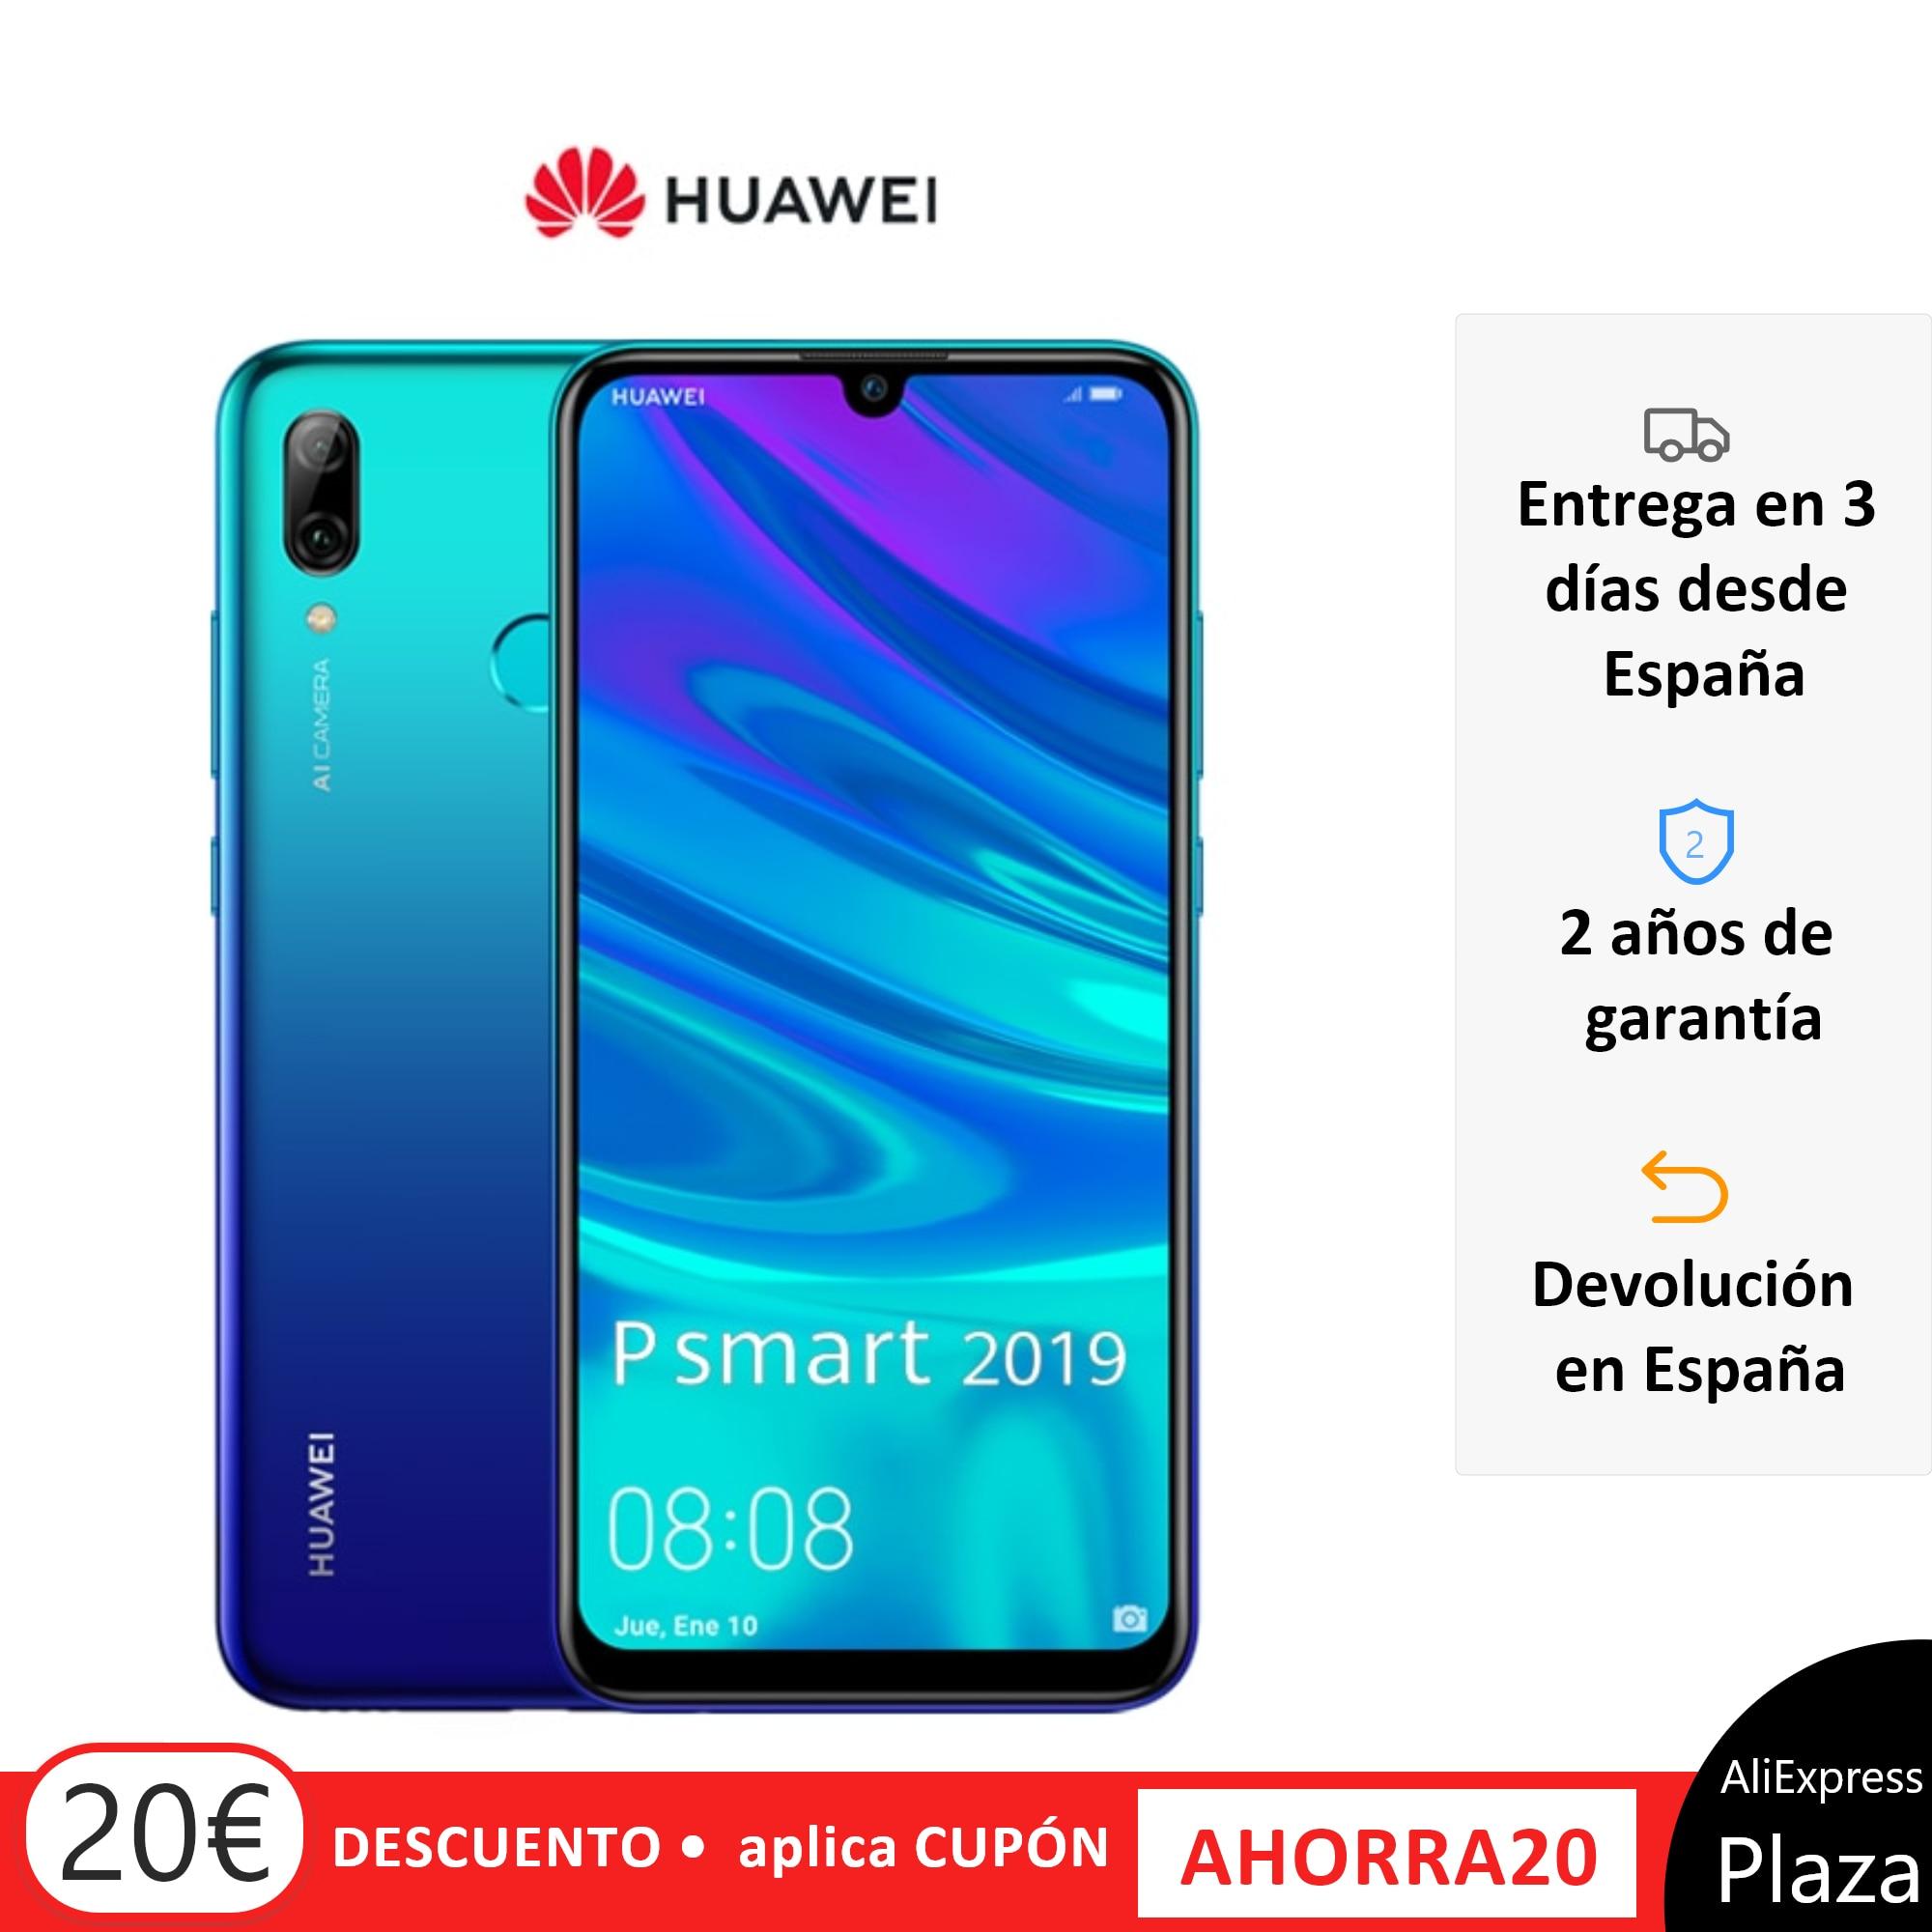 هواوي P الذكية 2019 الهاتف الذكي (64GB ROM 3GB RAM جوجل ، أندرويد ، نويفو ، ليبر) [Teléfono الموفيل النسخة الإسبانية] موفيل ، المنقولات